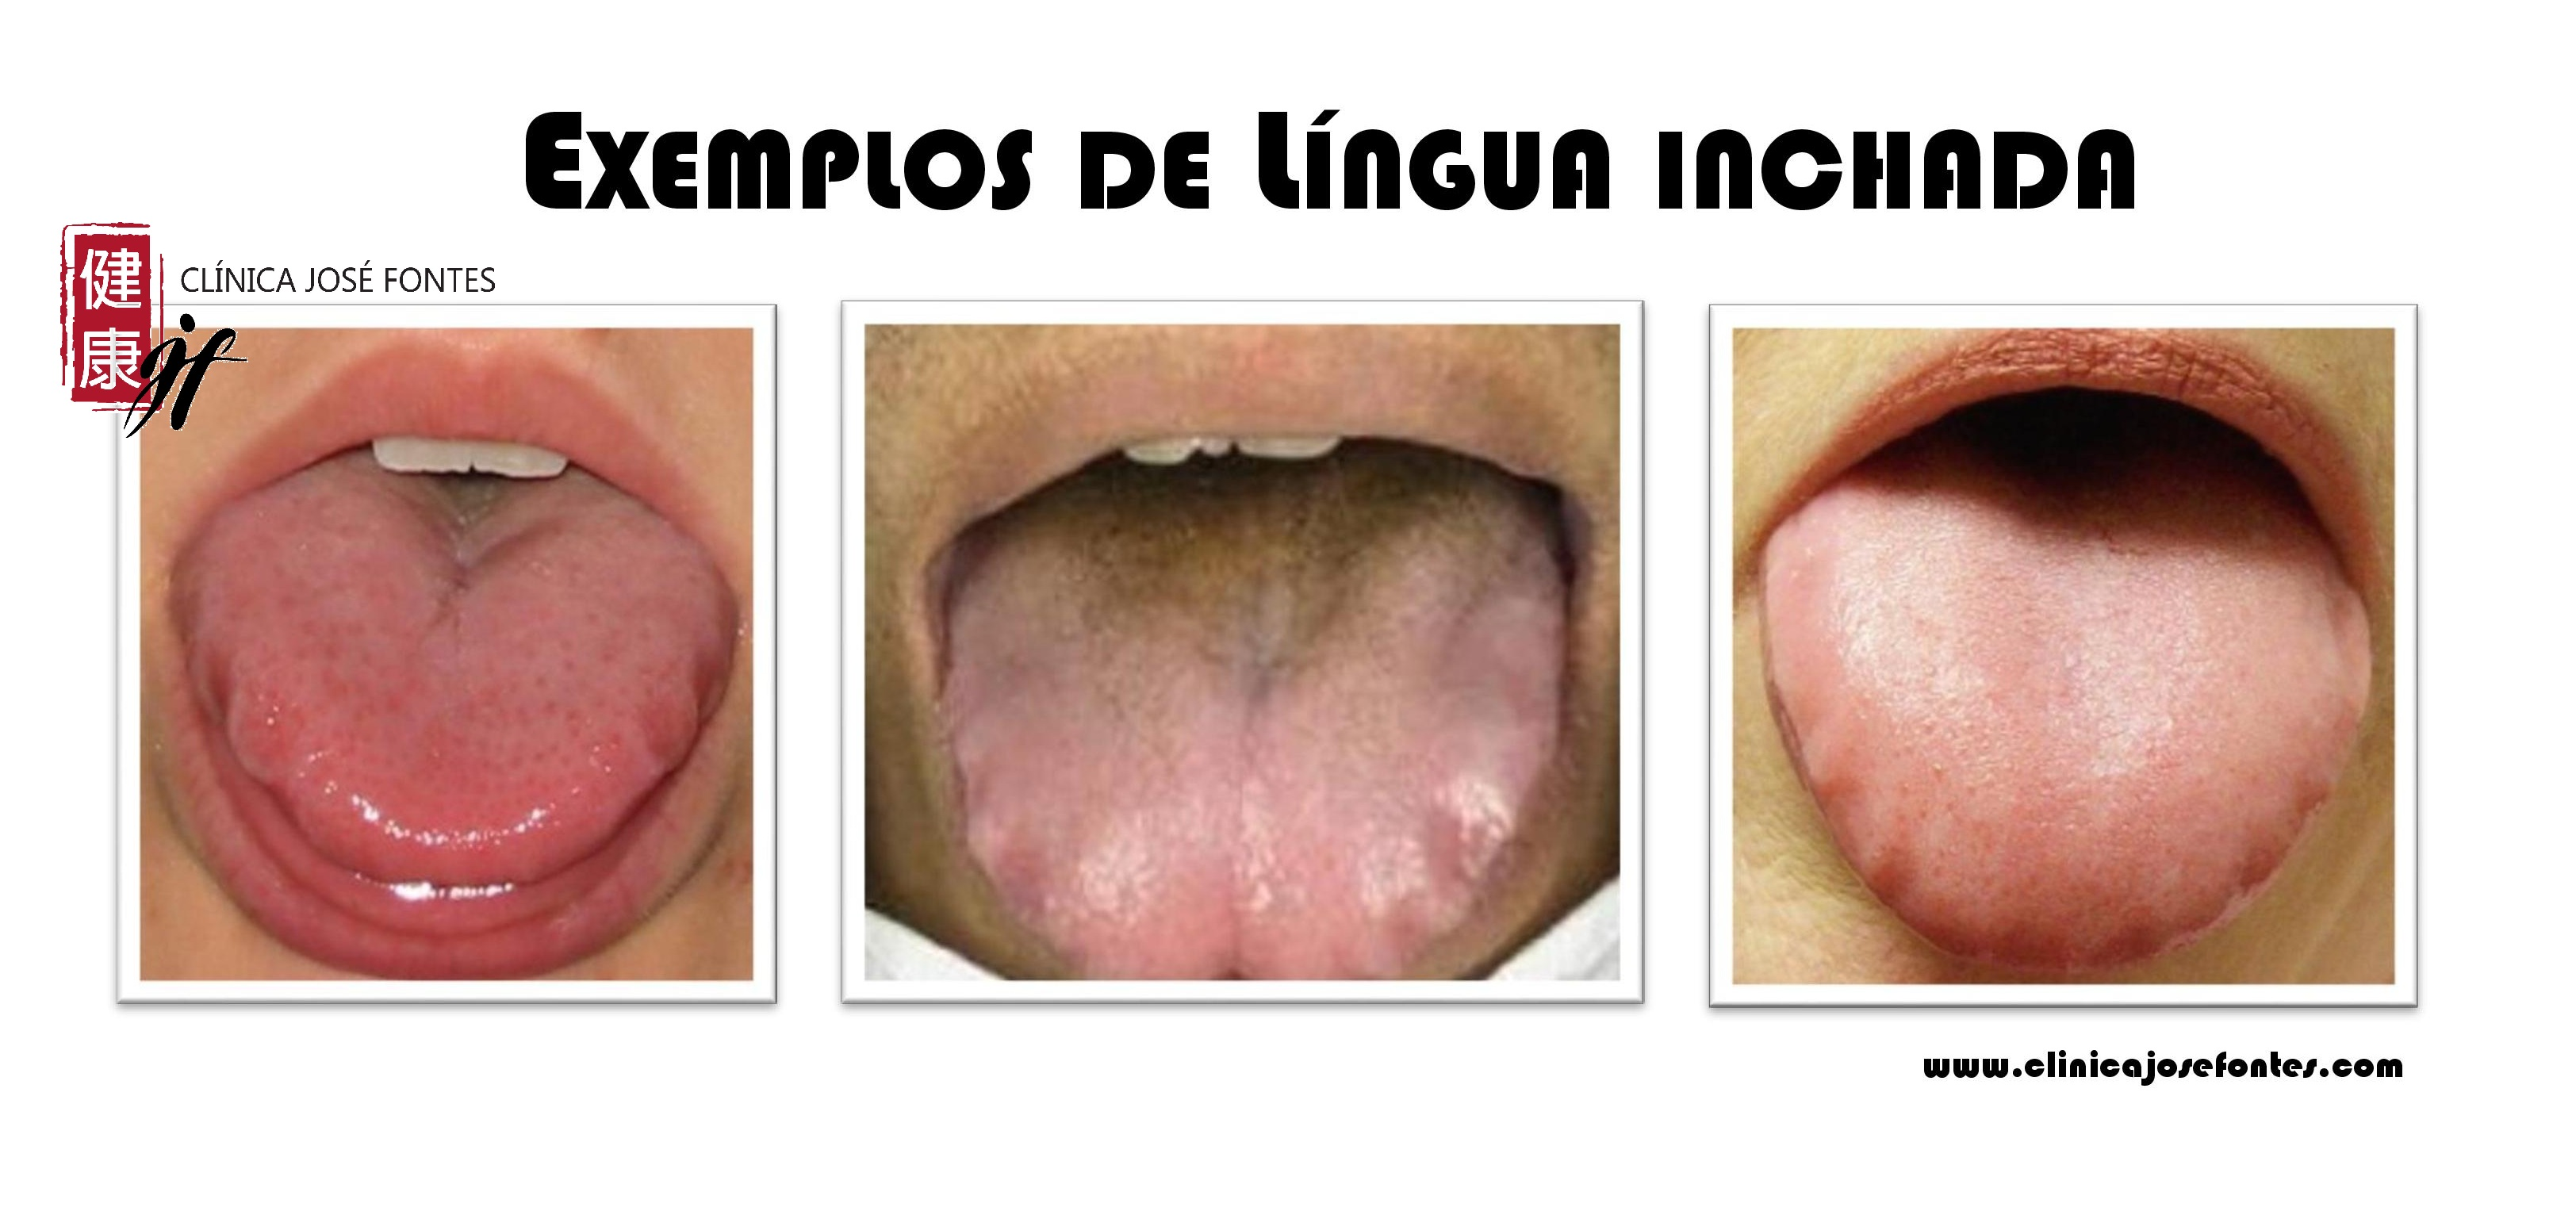 língua inchada